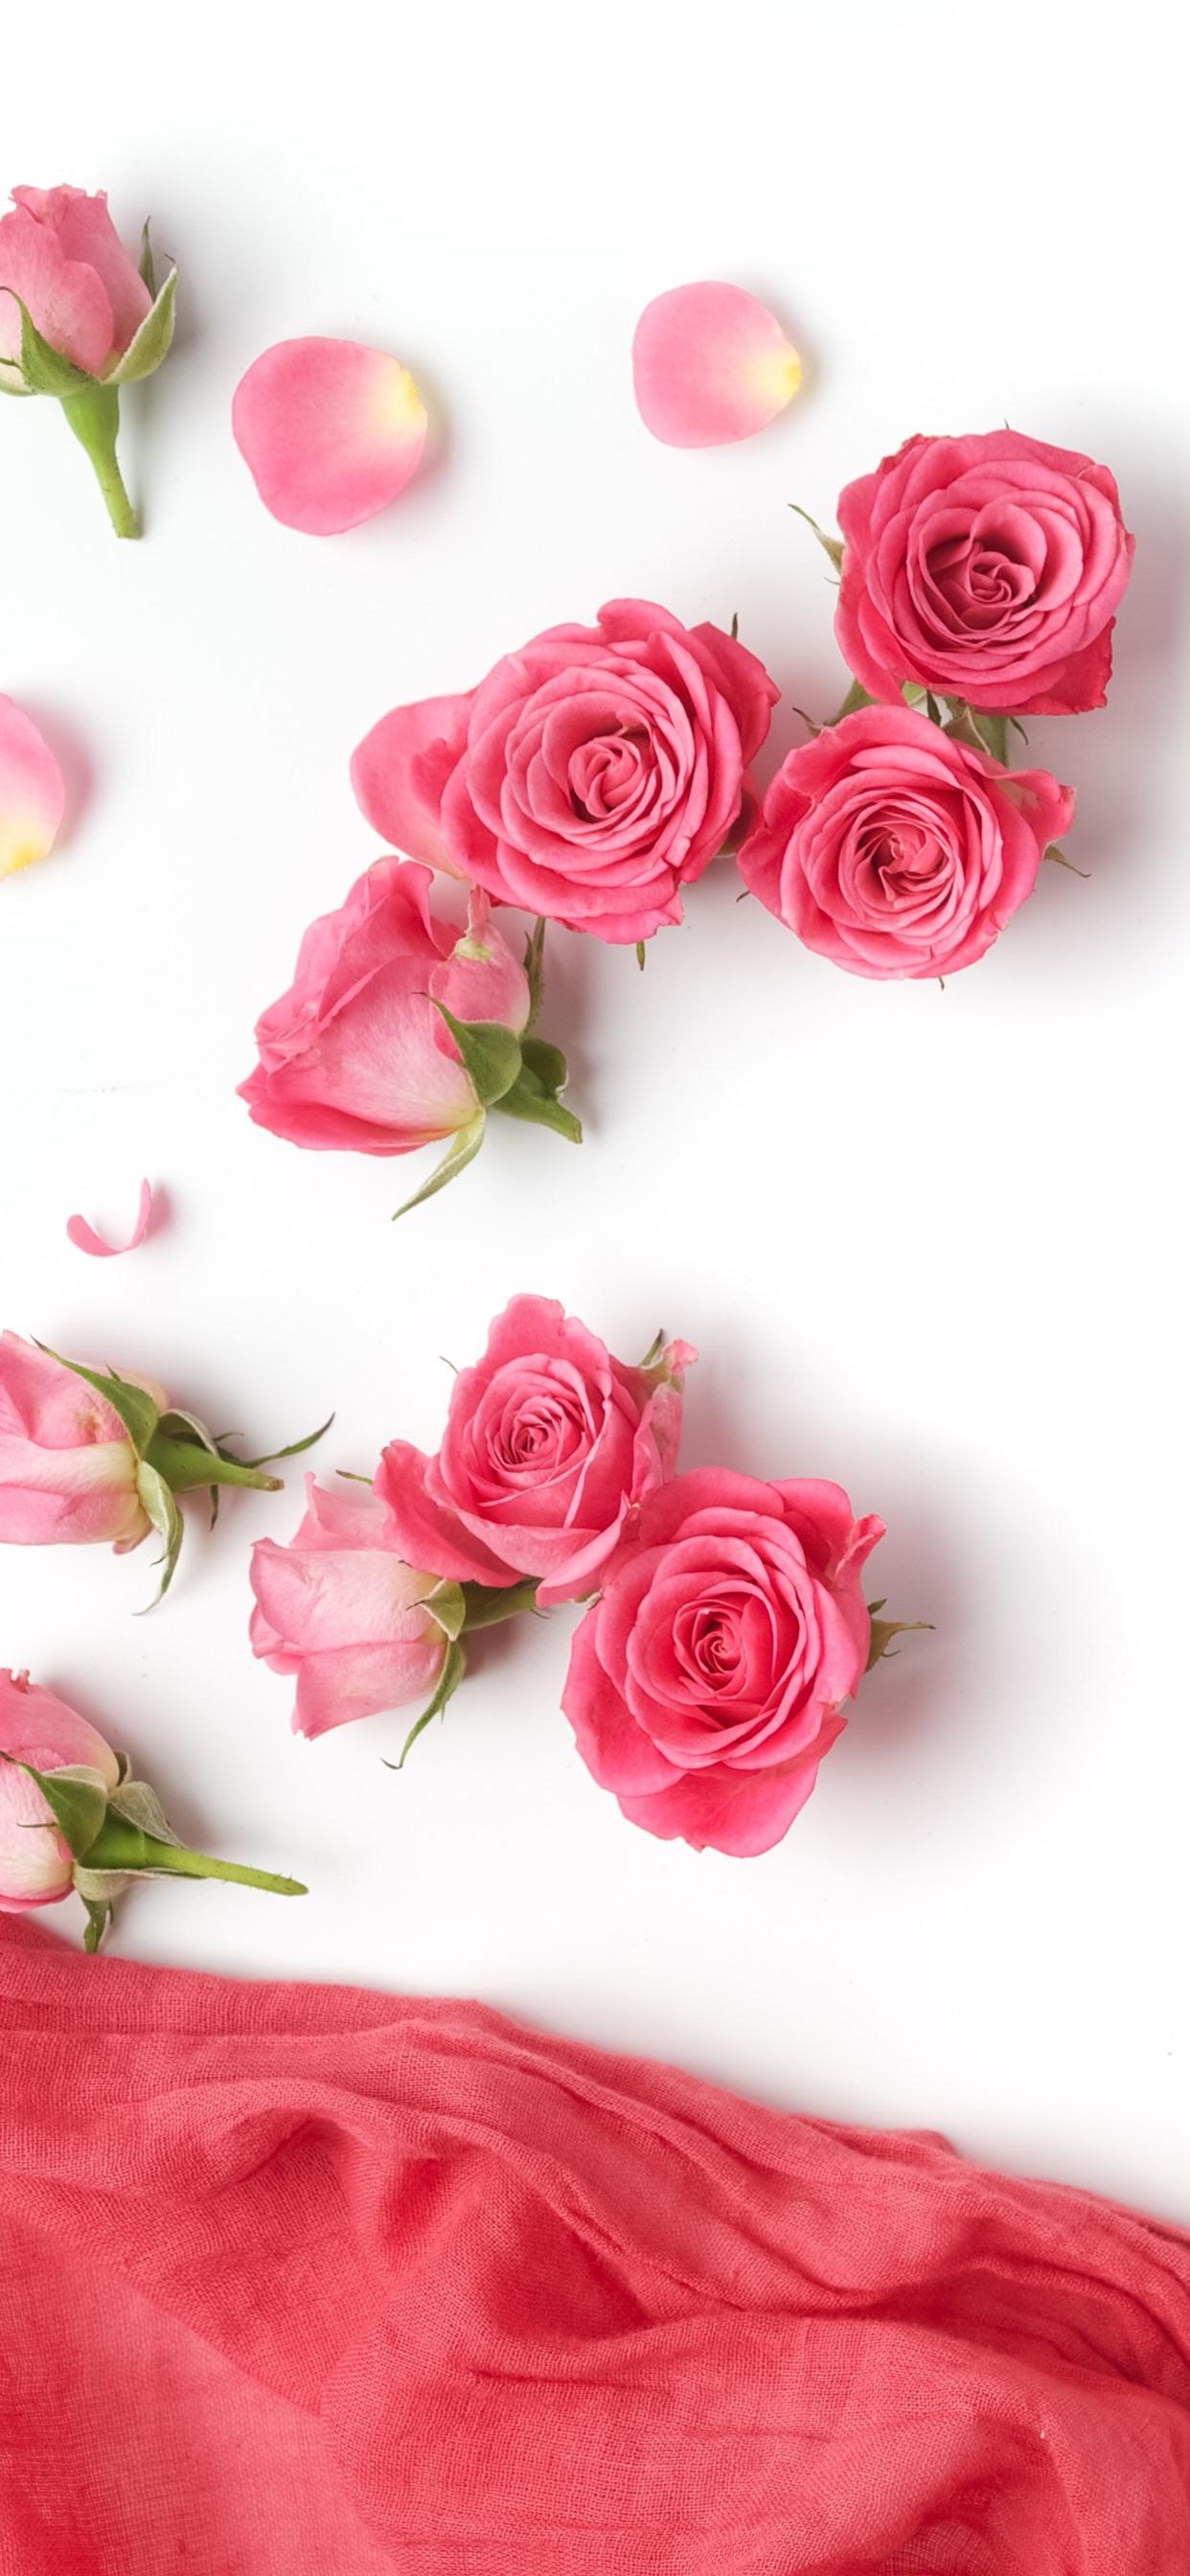 ピンクのバラ シルク 白背景 1242x2688 Iphone 11 Pro Xs Max 壁紙